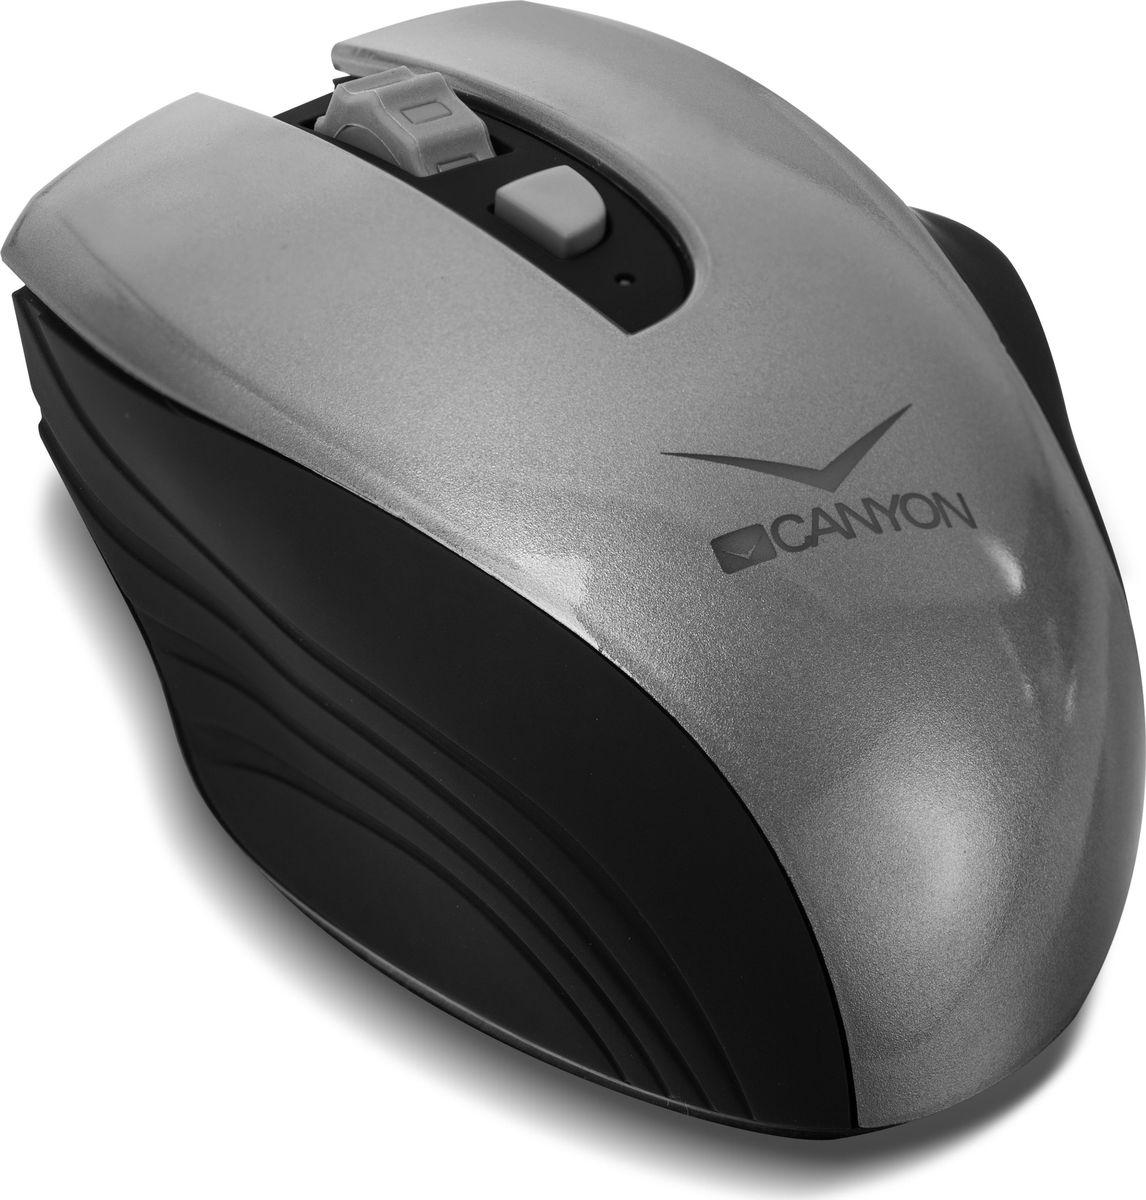 Canyon CNS-CMSW7G, Graphite мышь беспроводнаяCM000001192Забудьте о смене батареек – эта мышка в них не нуждается! Теперь работать с беспроводной мышью намного комфортнее и экономнее, ведь в любое время ее можно зарядить через USB-порт, либо от розетки. При этом заряда хватает на 2 недели работы. Мышь CNS-CMSW7 оснащена переключателем чувствительности датчика между 800, 1200 и 1600 DPI, что весьма облегчает работу на большом экране, либо на двух мониторах. Форма мыши имеет идеальную эргономику и создана для максимально удобного захвата в правой руке. В комплекте – микро USB-приемник для зарядки и подключения к компьютеру.